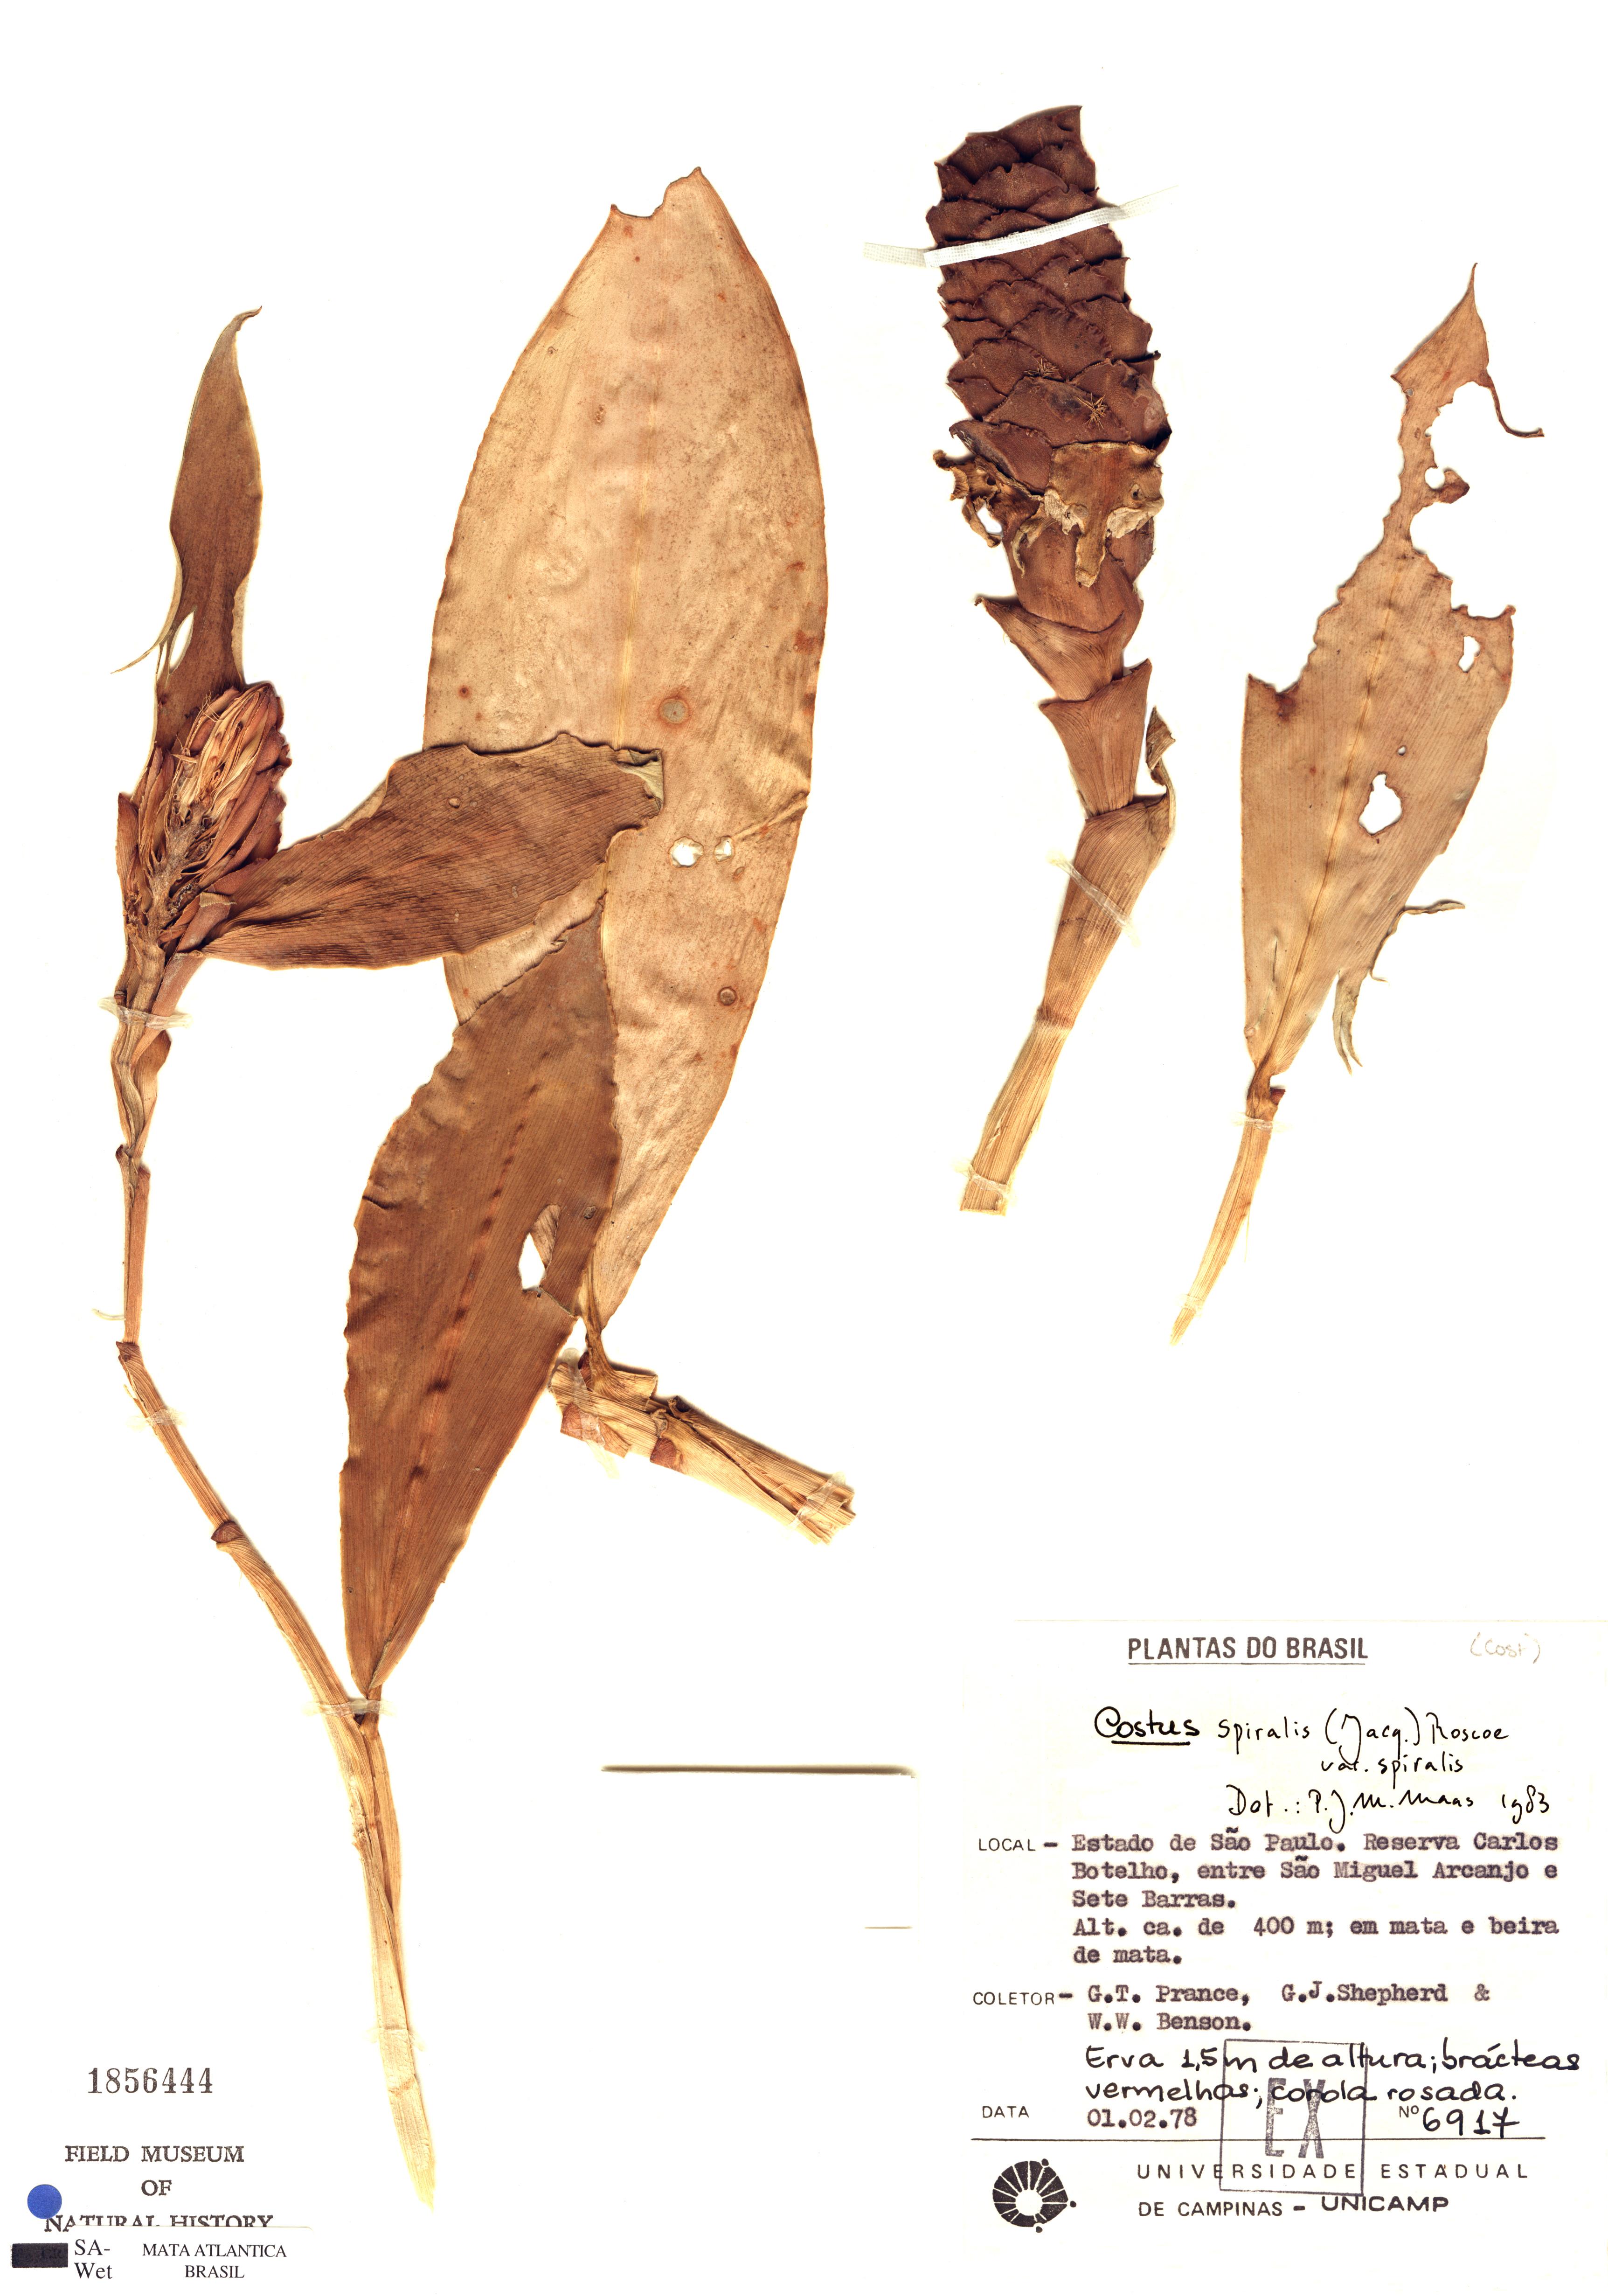 Specimen: Costus spiralis